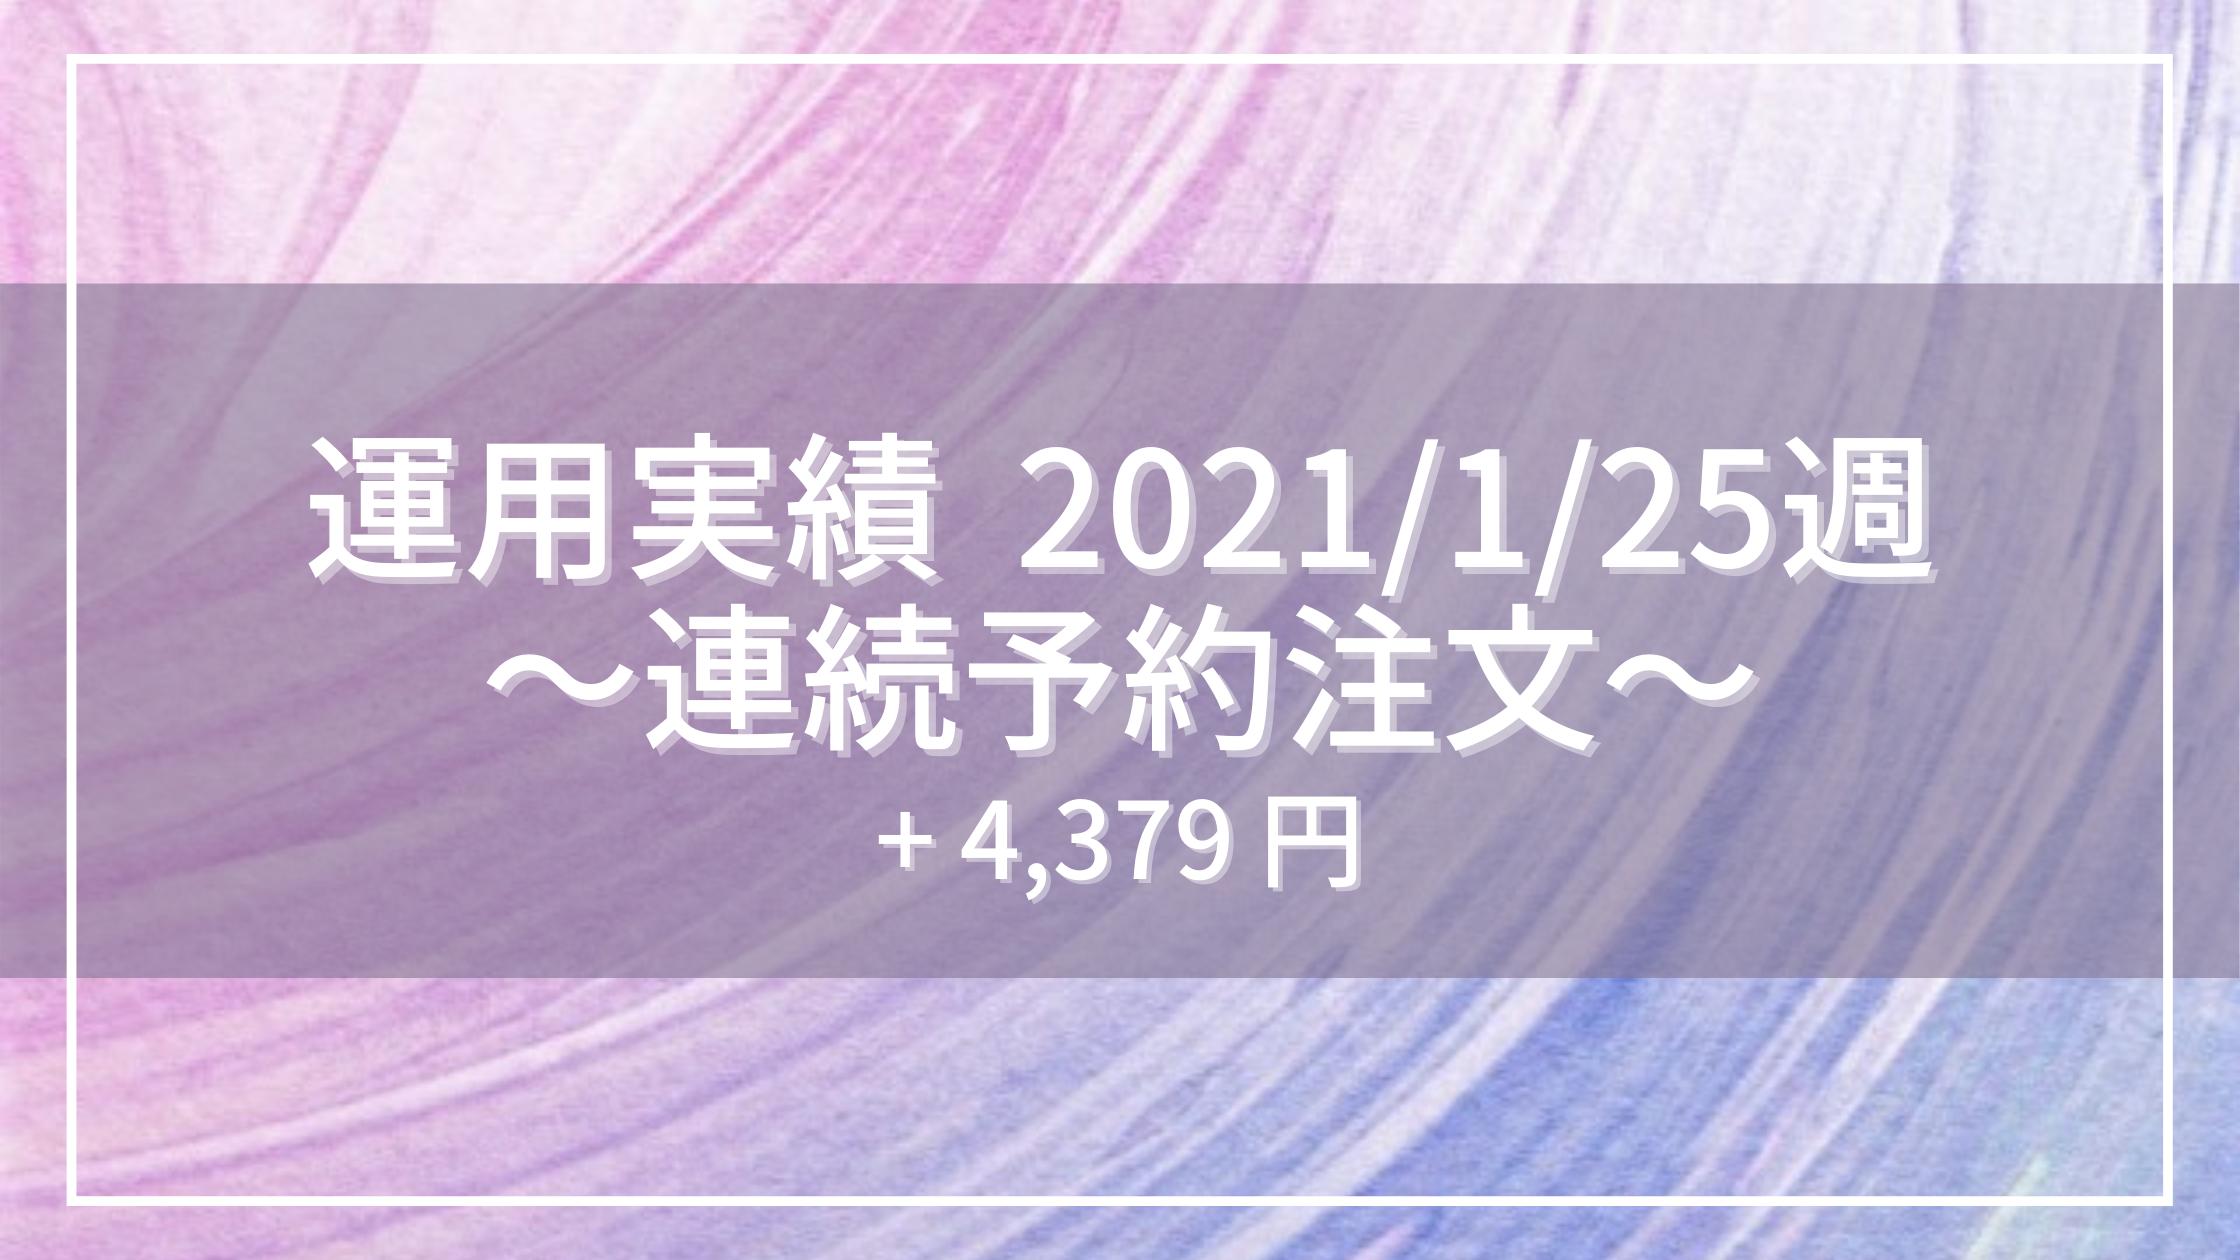 20210125_運用実績_連続予約注文